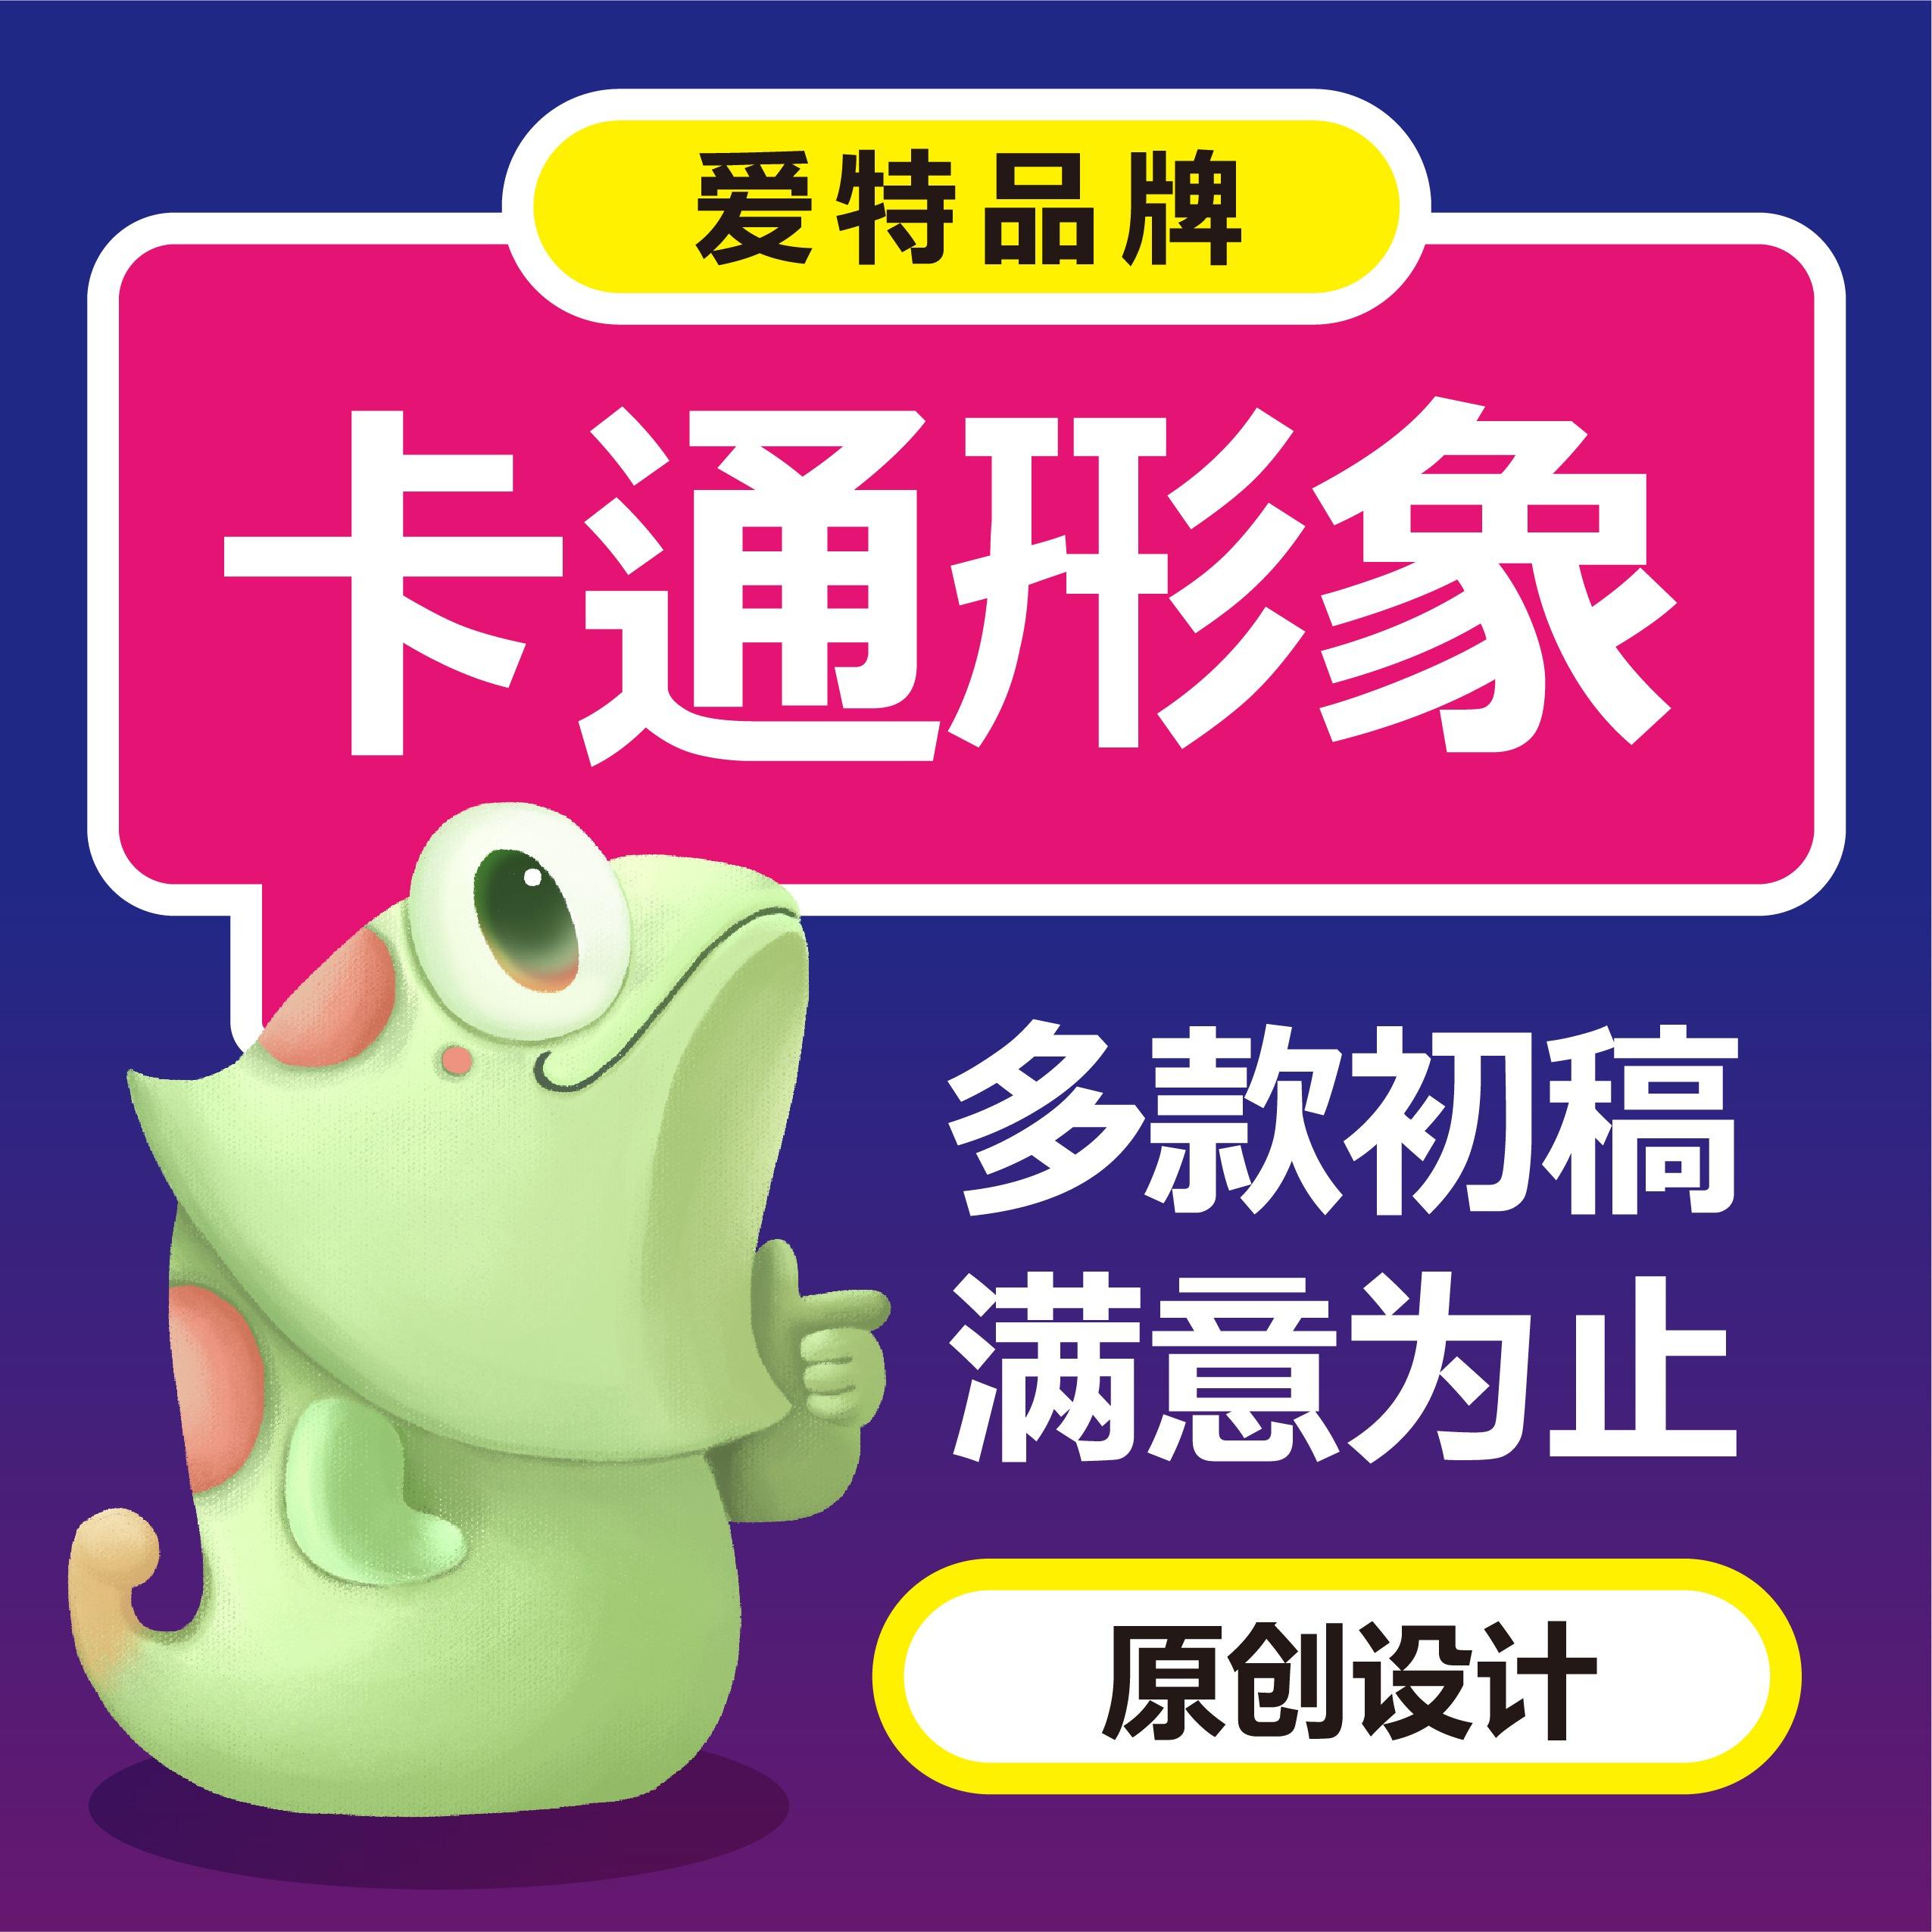 总监LOGO设计可注册原创图文字体公司企业商标 卡通形象